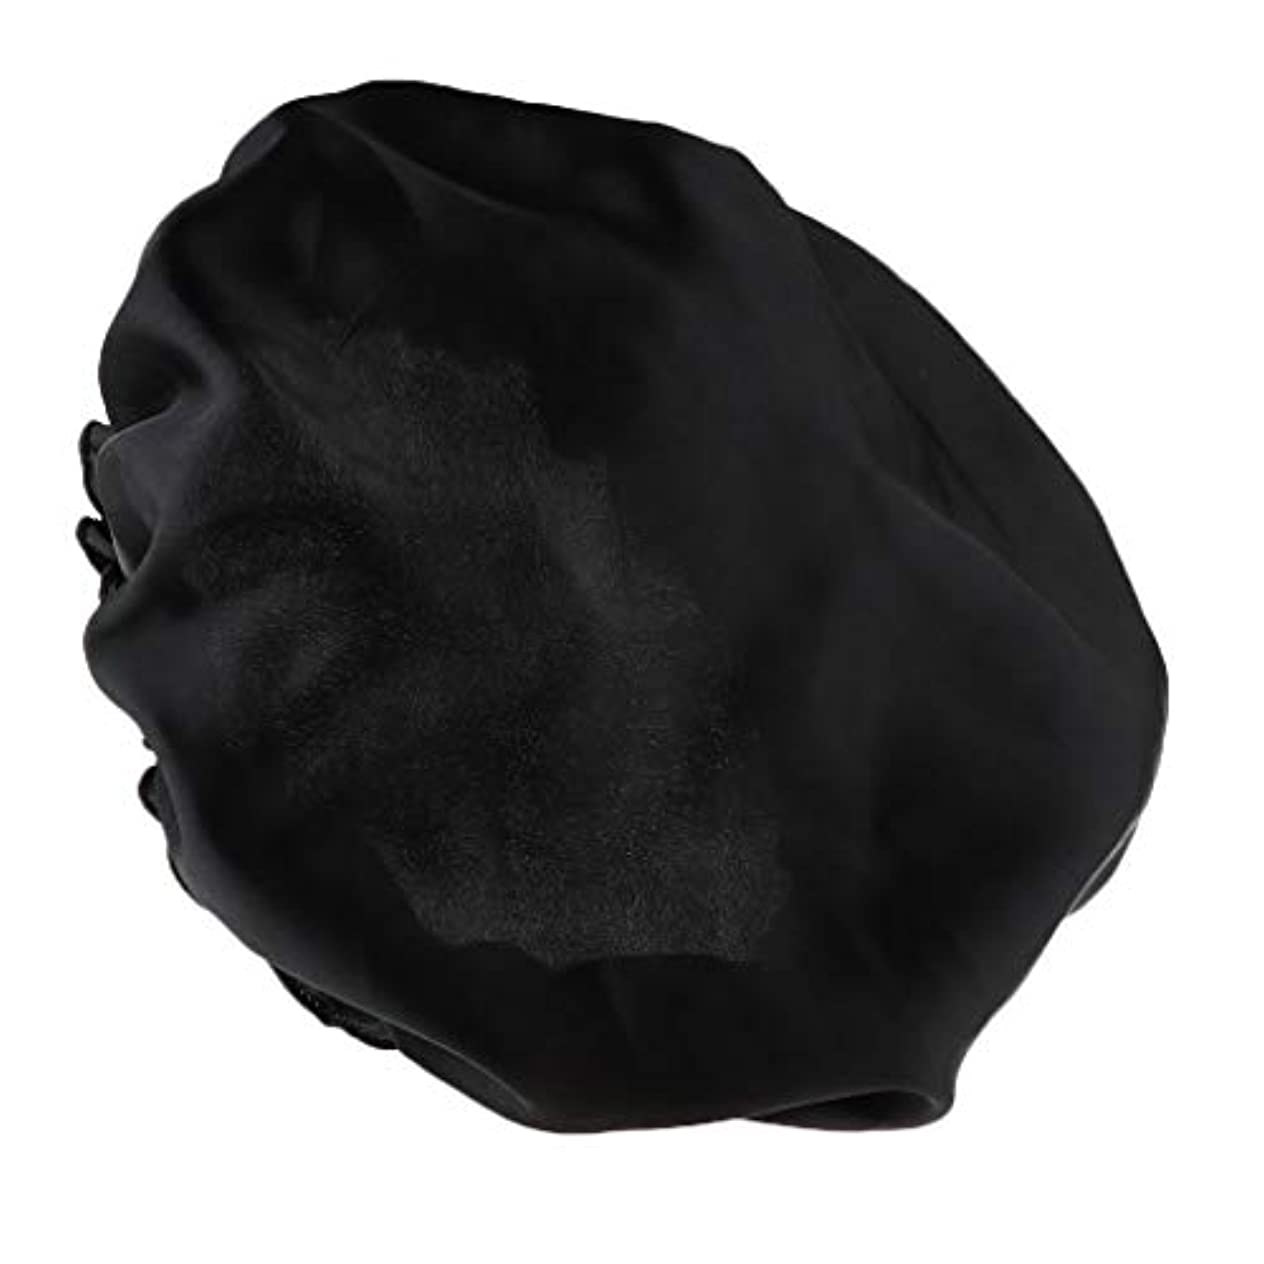 アクセサリーカフェテリア鏡FLAMEER シャワーキャップ シルクサテンキャップ シルクサテン帽子 美容ヘッドカバー 浴用帽子 全8色 - ブラック